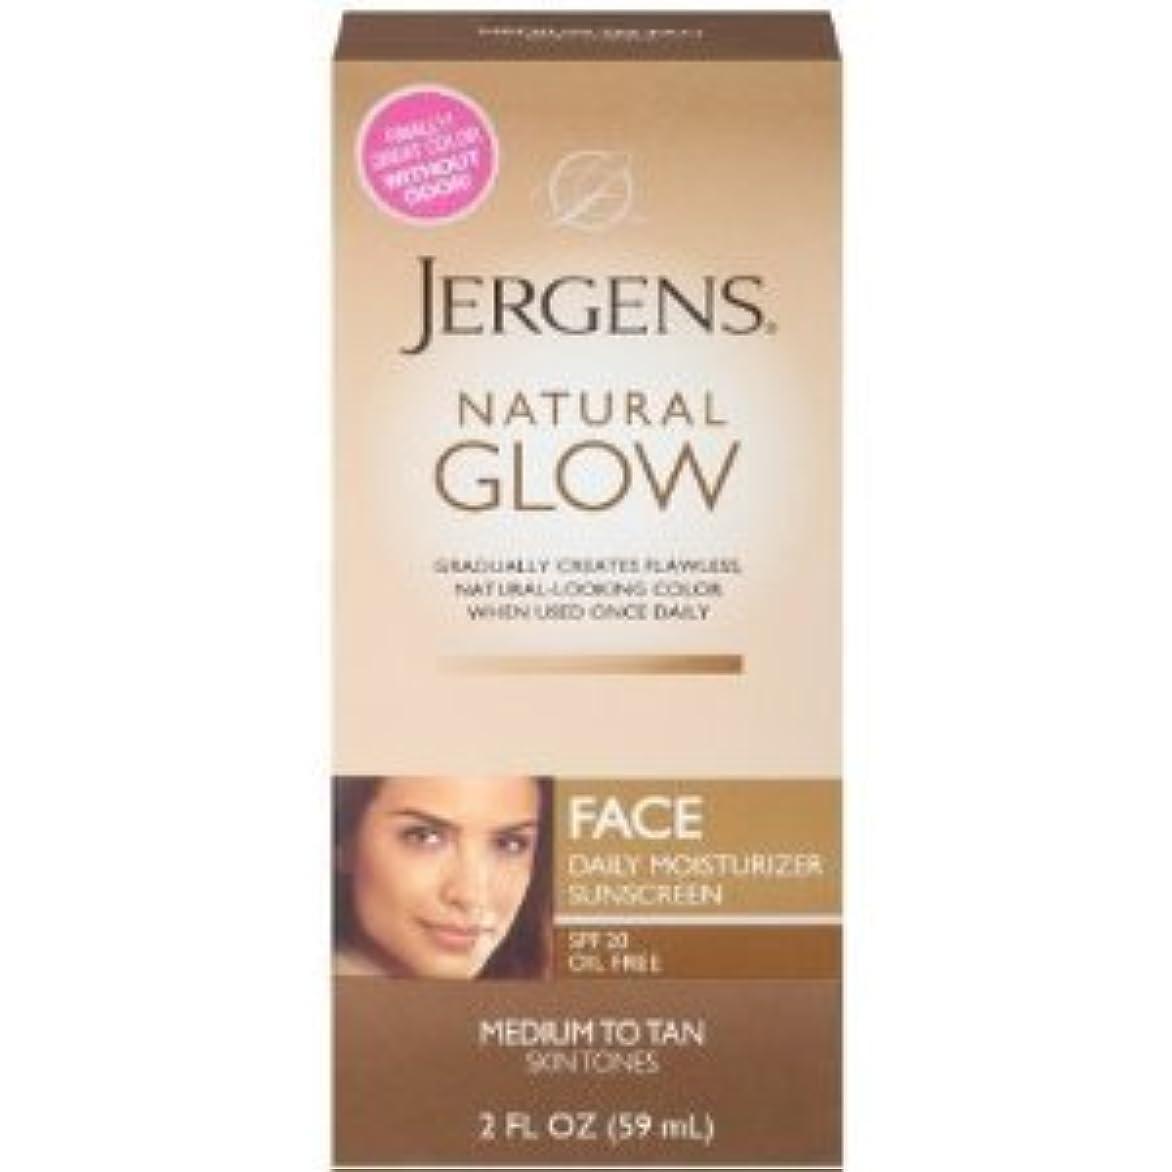 ライン強要とてもNatural Glow Healthy Complexion Daily Facial Moisturizer, SPF 20, Medium to Tan, (59ml) (海外直送品)